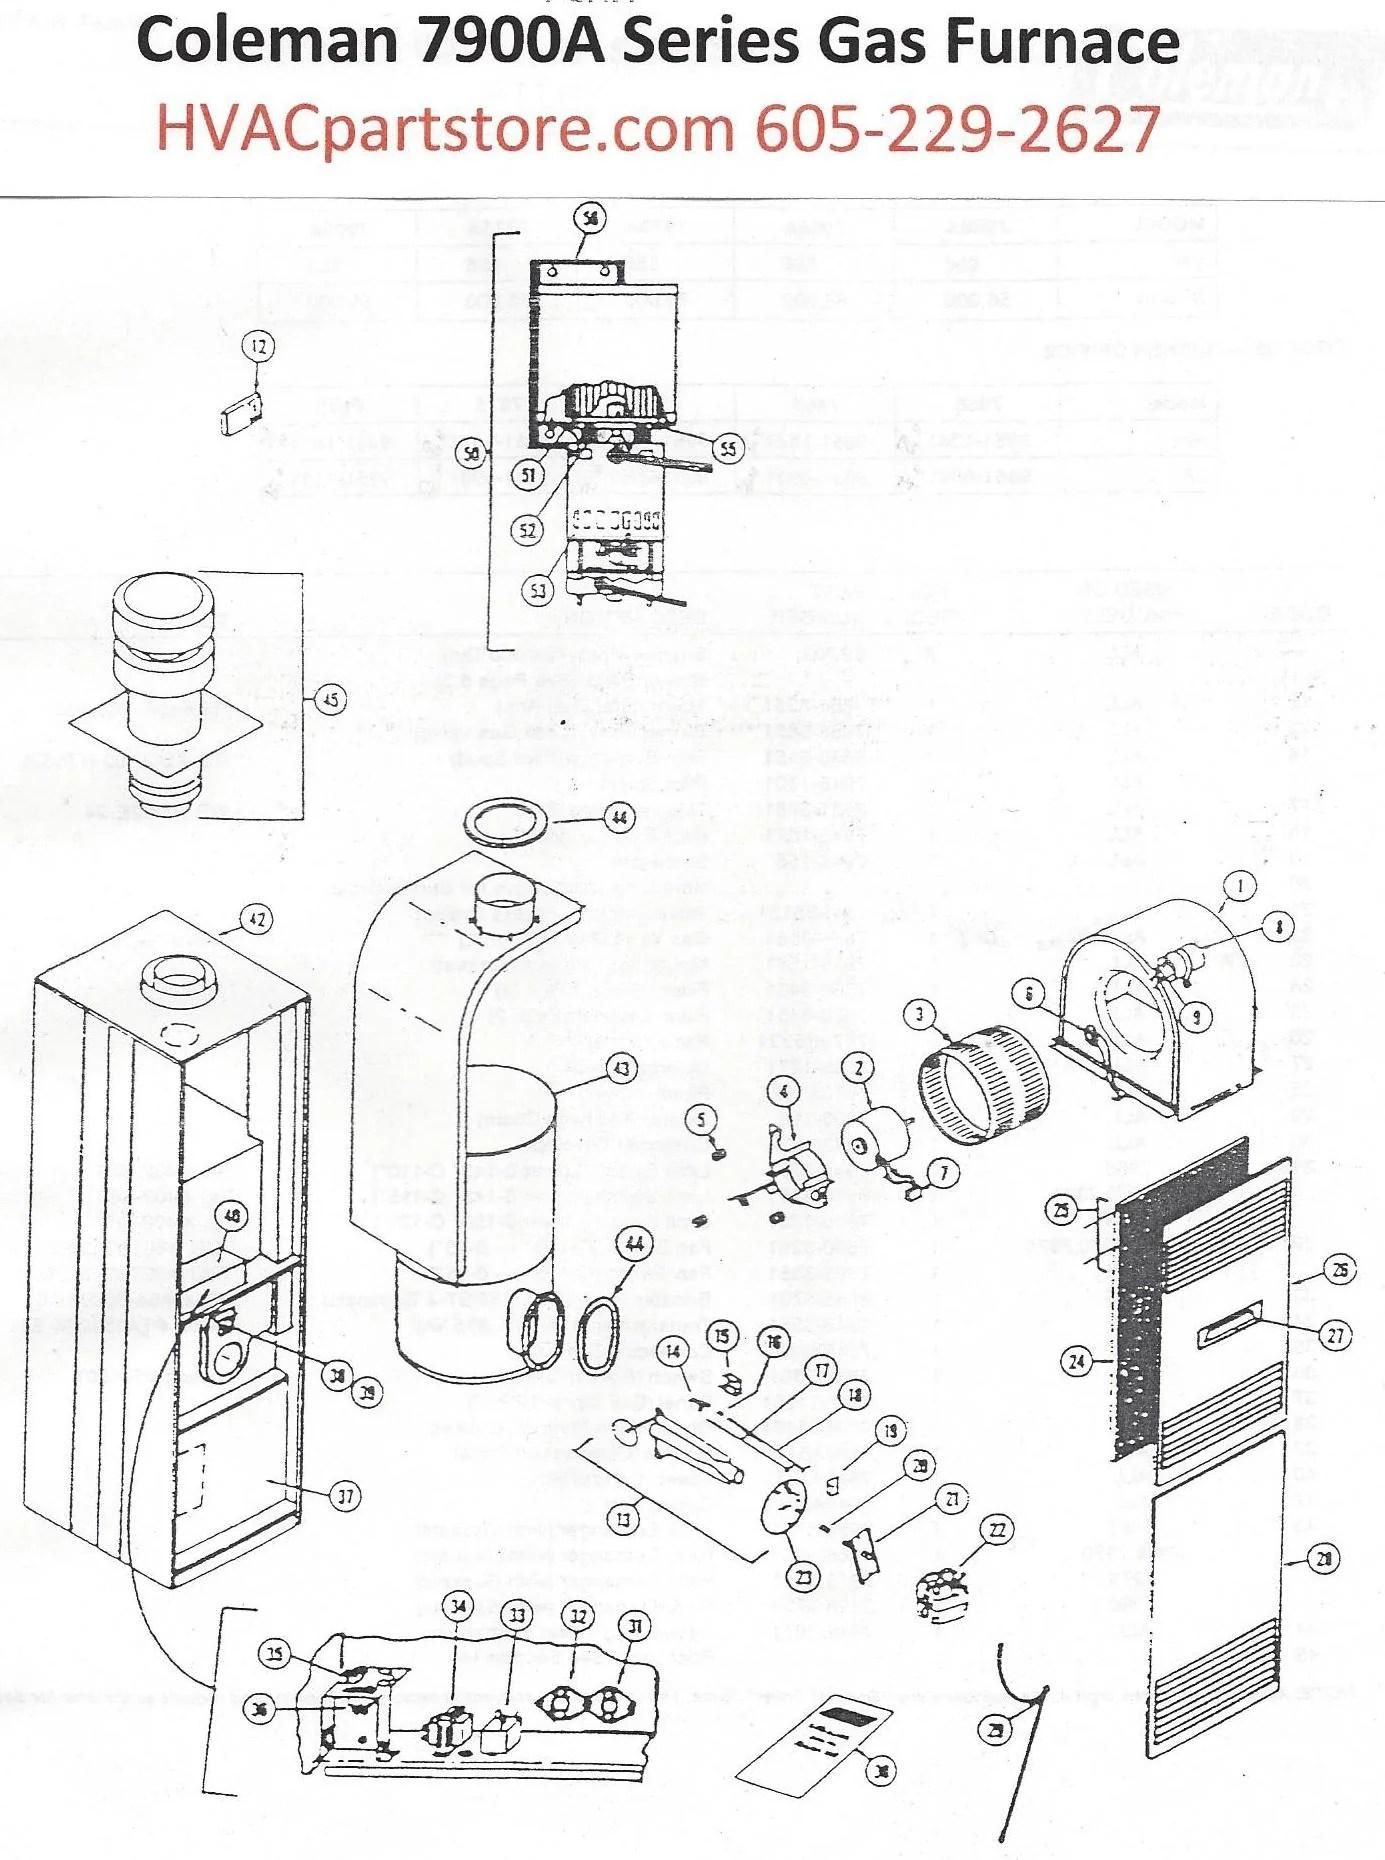 7970a856 coleman gas furnace parts [ 1385 x 1860 Pixel ]